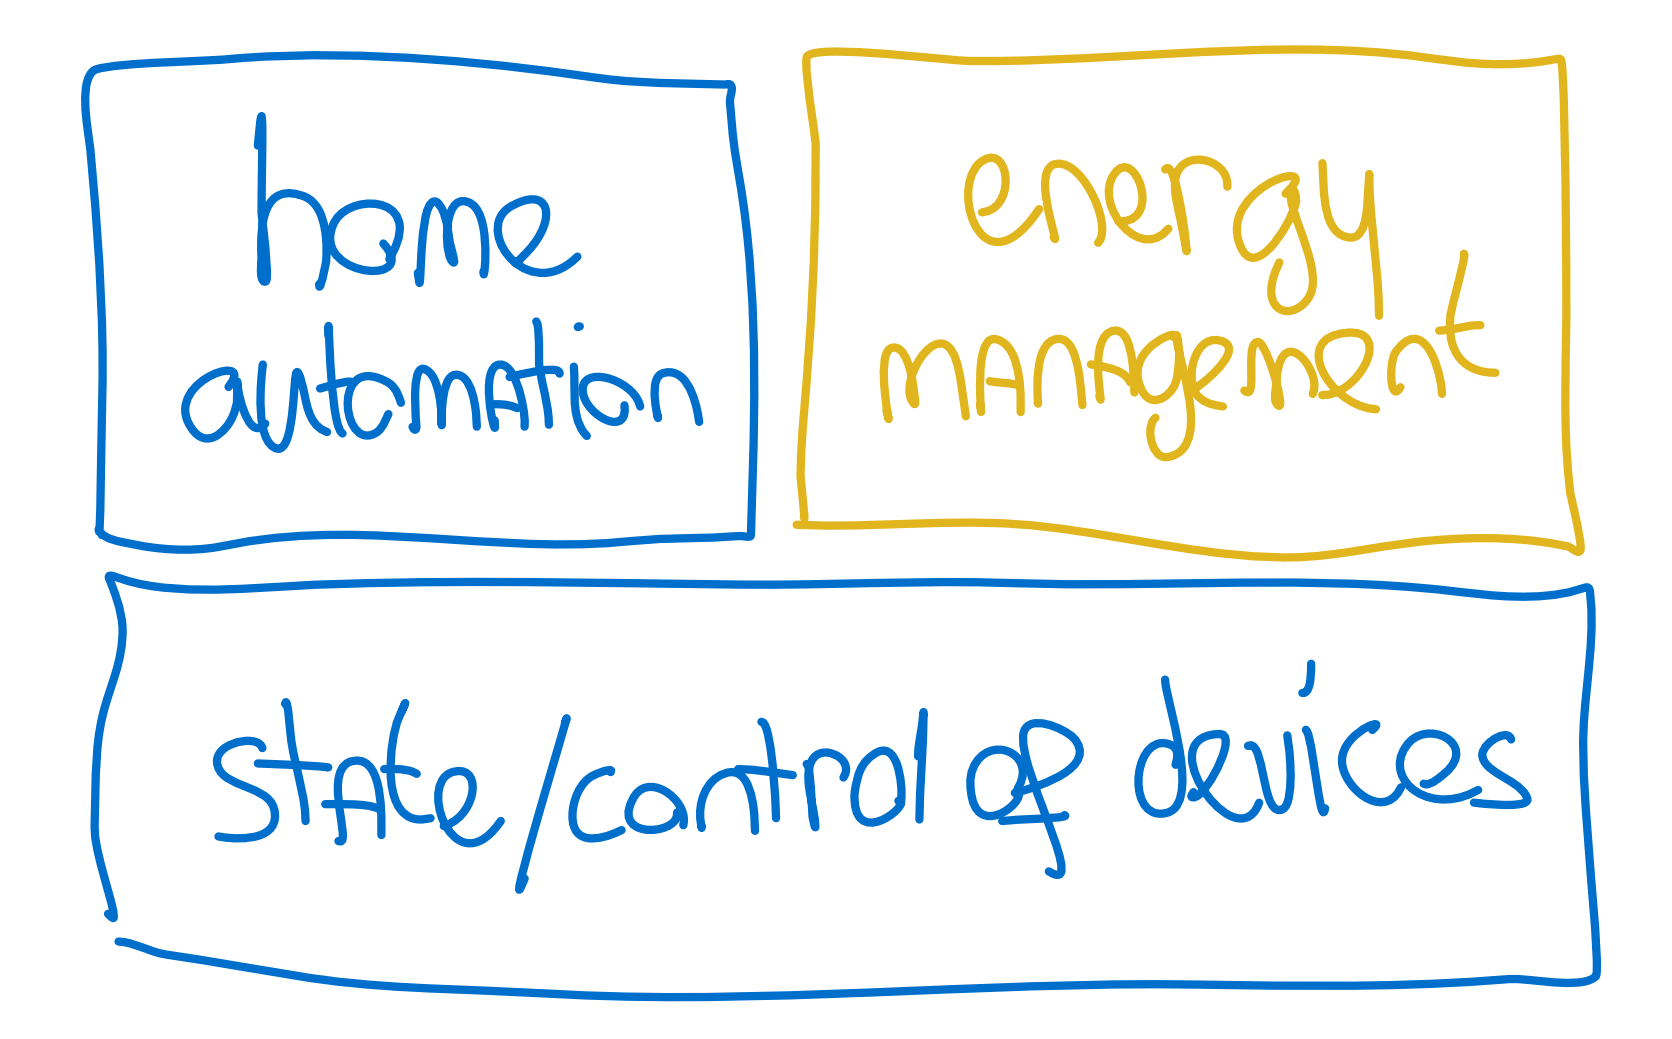 Diagramme de la façon dont la domotique et la gestion de l'énergie utilisent les mêmes données.